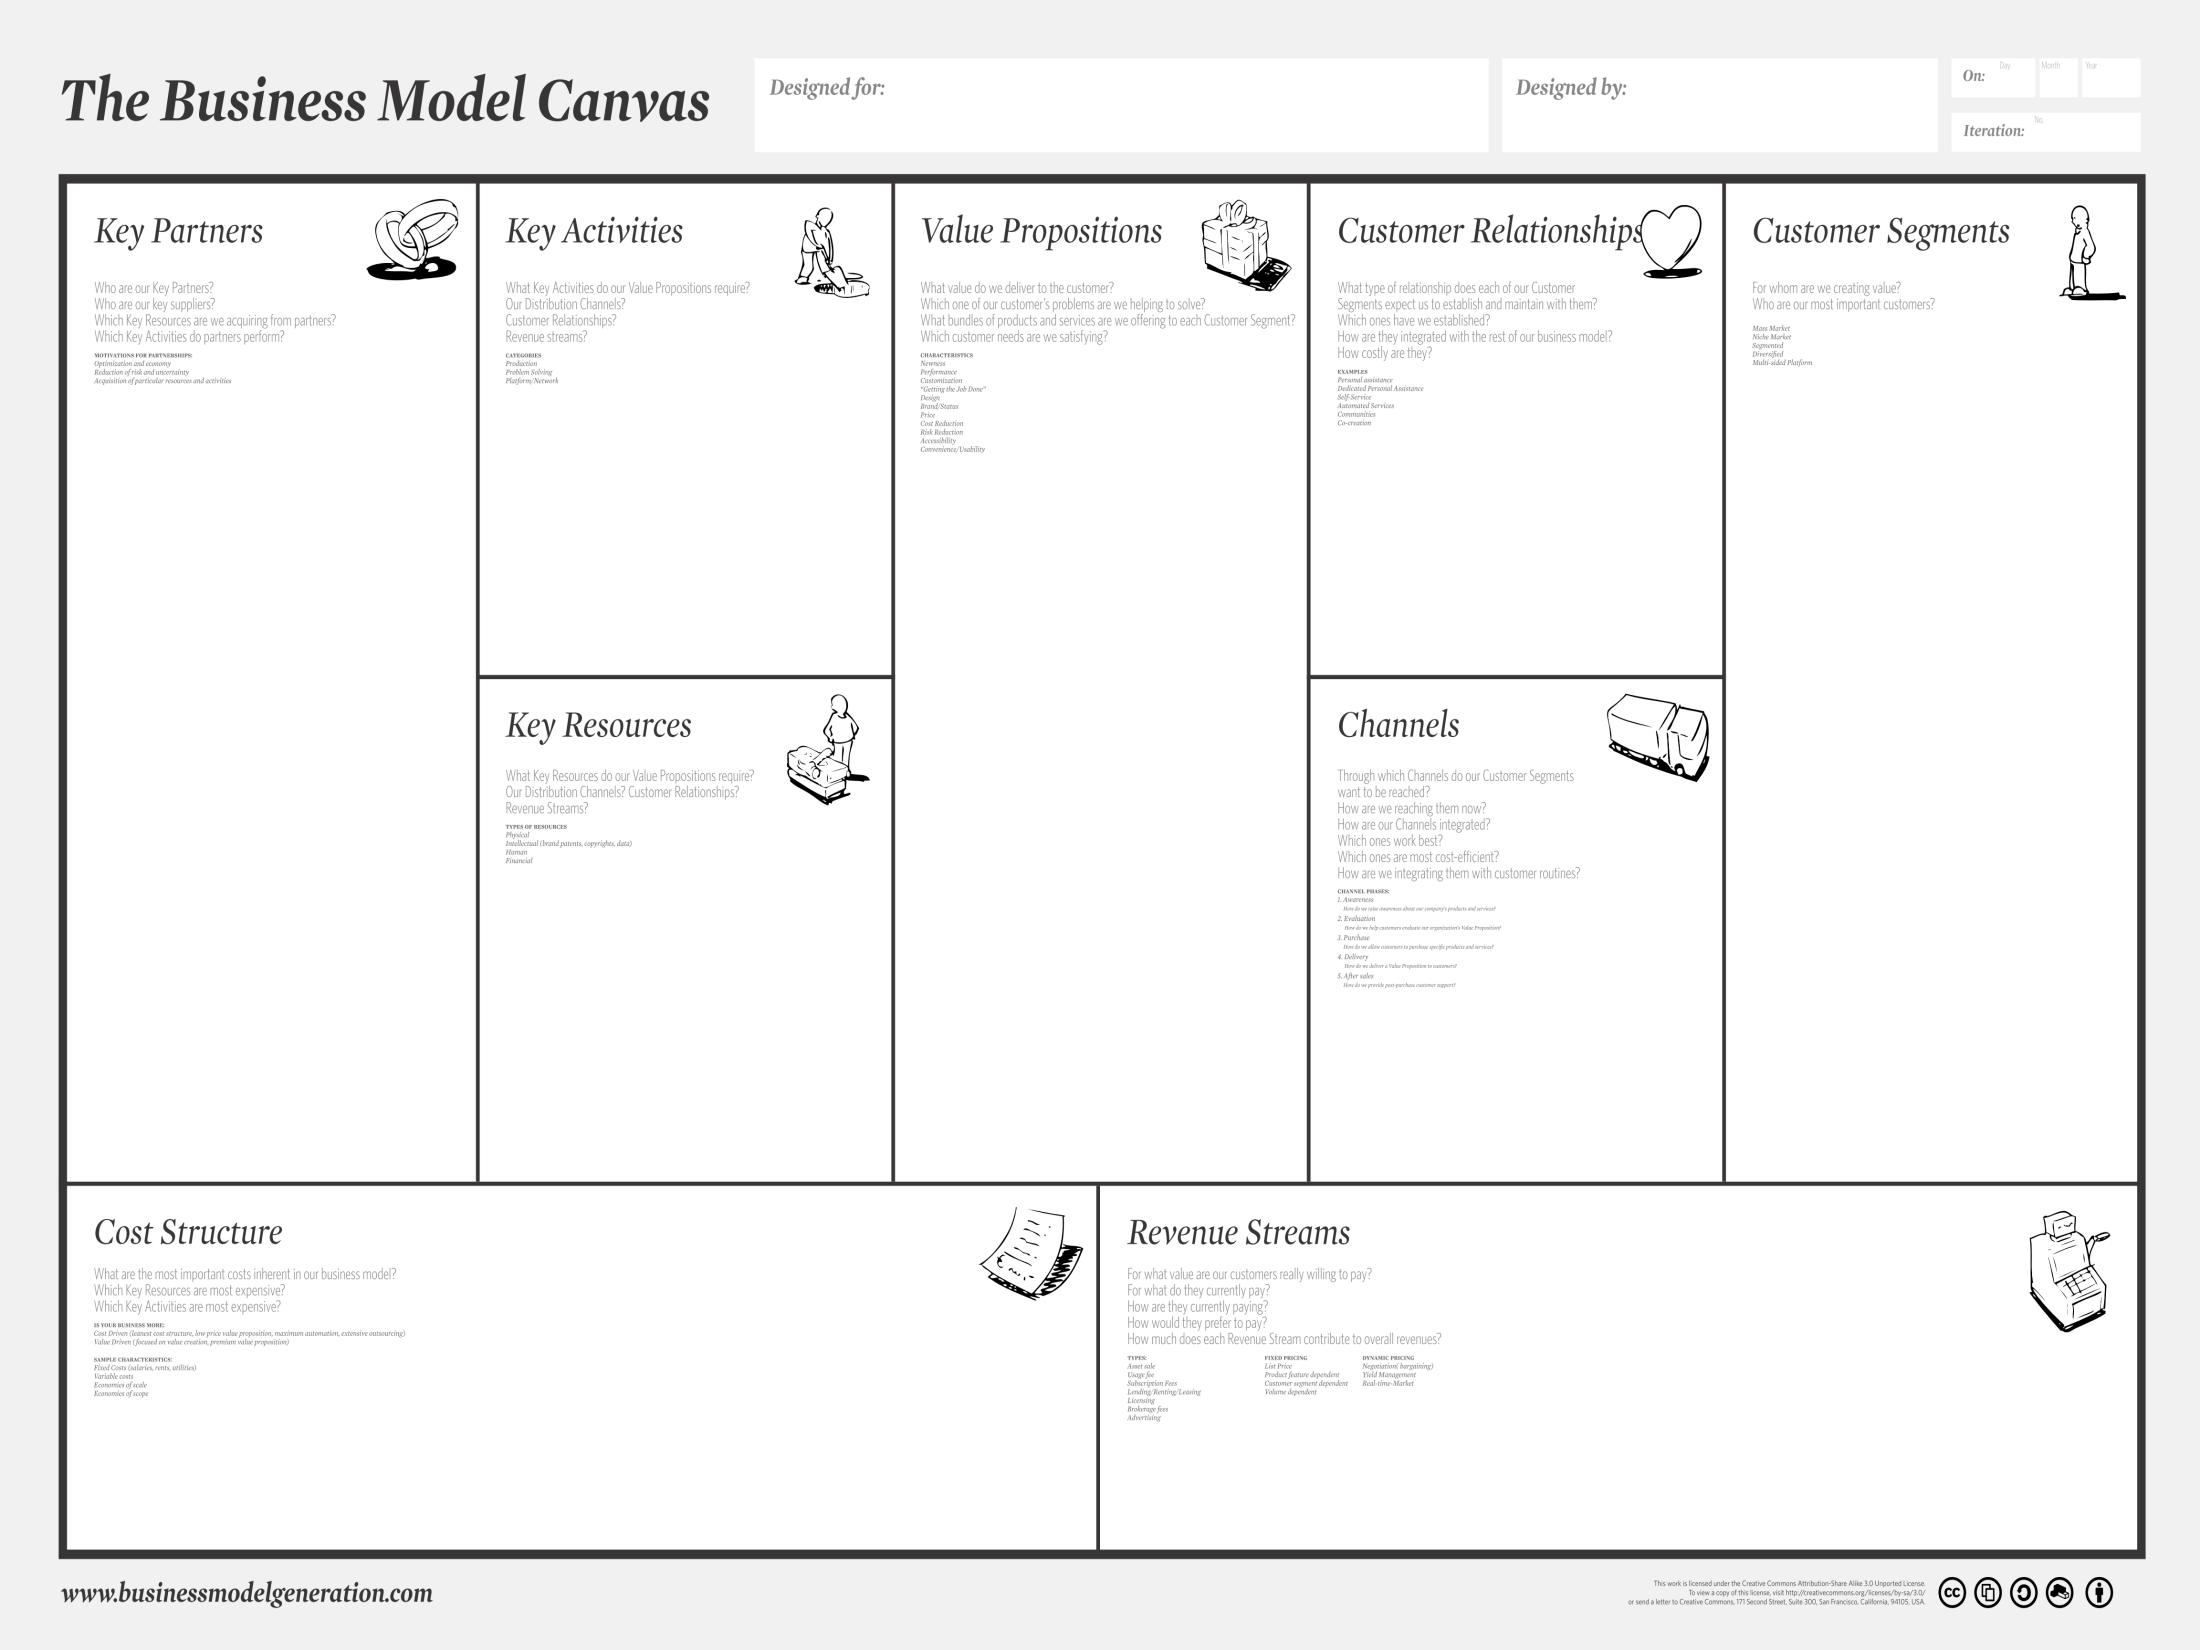 """Der Canvas ist das typische Instrument für Startups um auf einen Blick alle Gründungsrelevanten Fragen zu zeigen. Auf der linken Seite sind dazu alle Qualitäten des Unternehmers, auf der rechten Seite die Qualitäten der Kunden und in der Mitte das zentrale Werteversprechen """"Hier wirst du Glücklich""""… Darunter die Ein- und Ausgabenstruktur."""